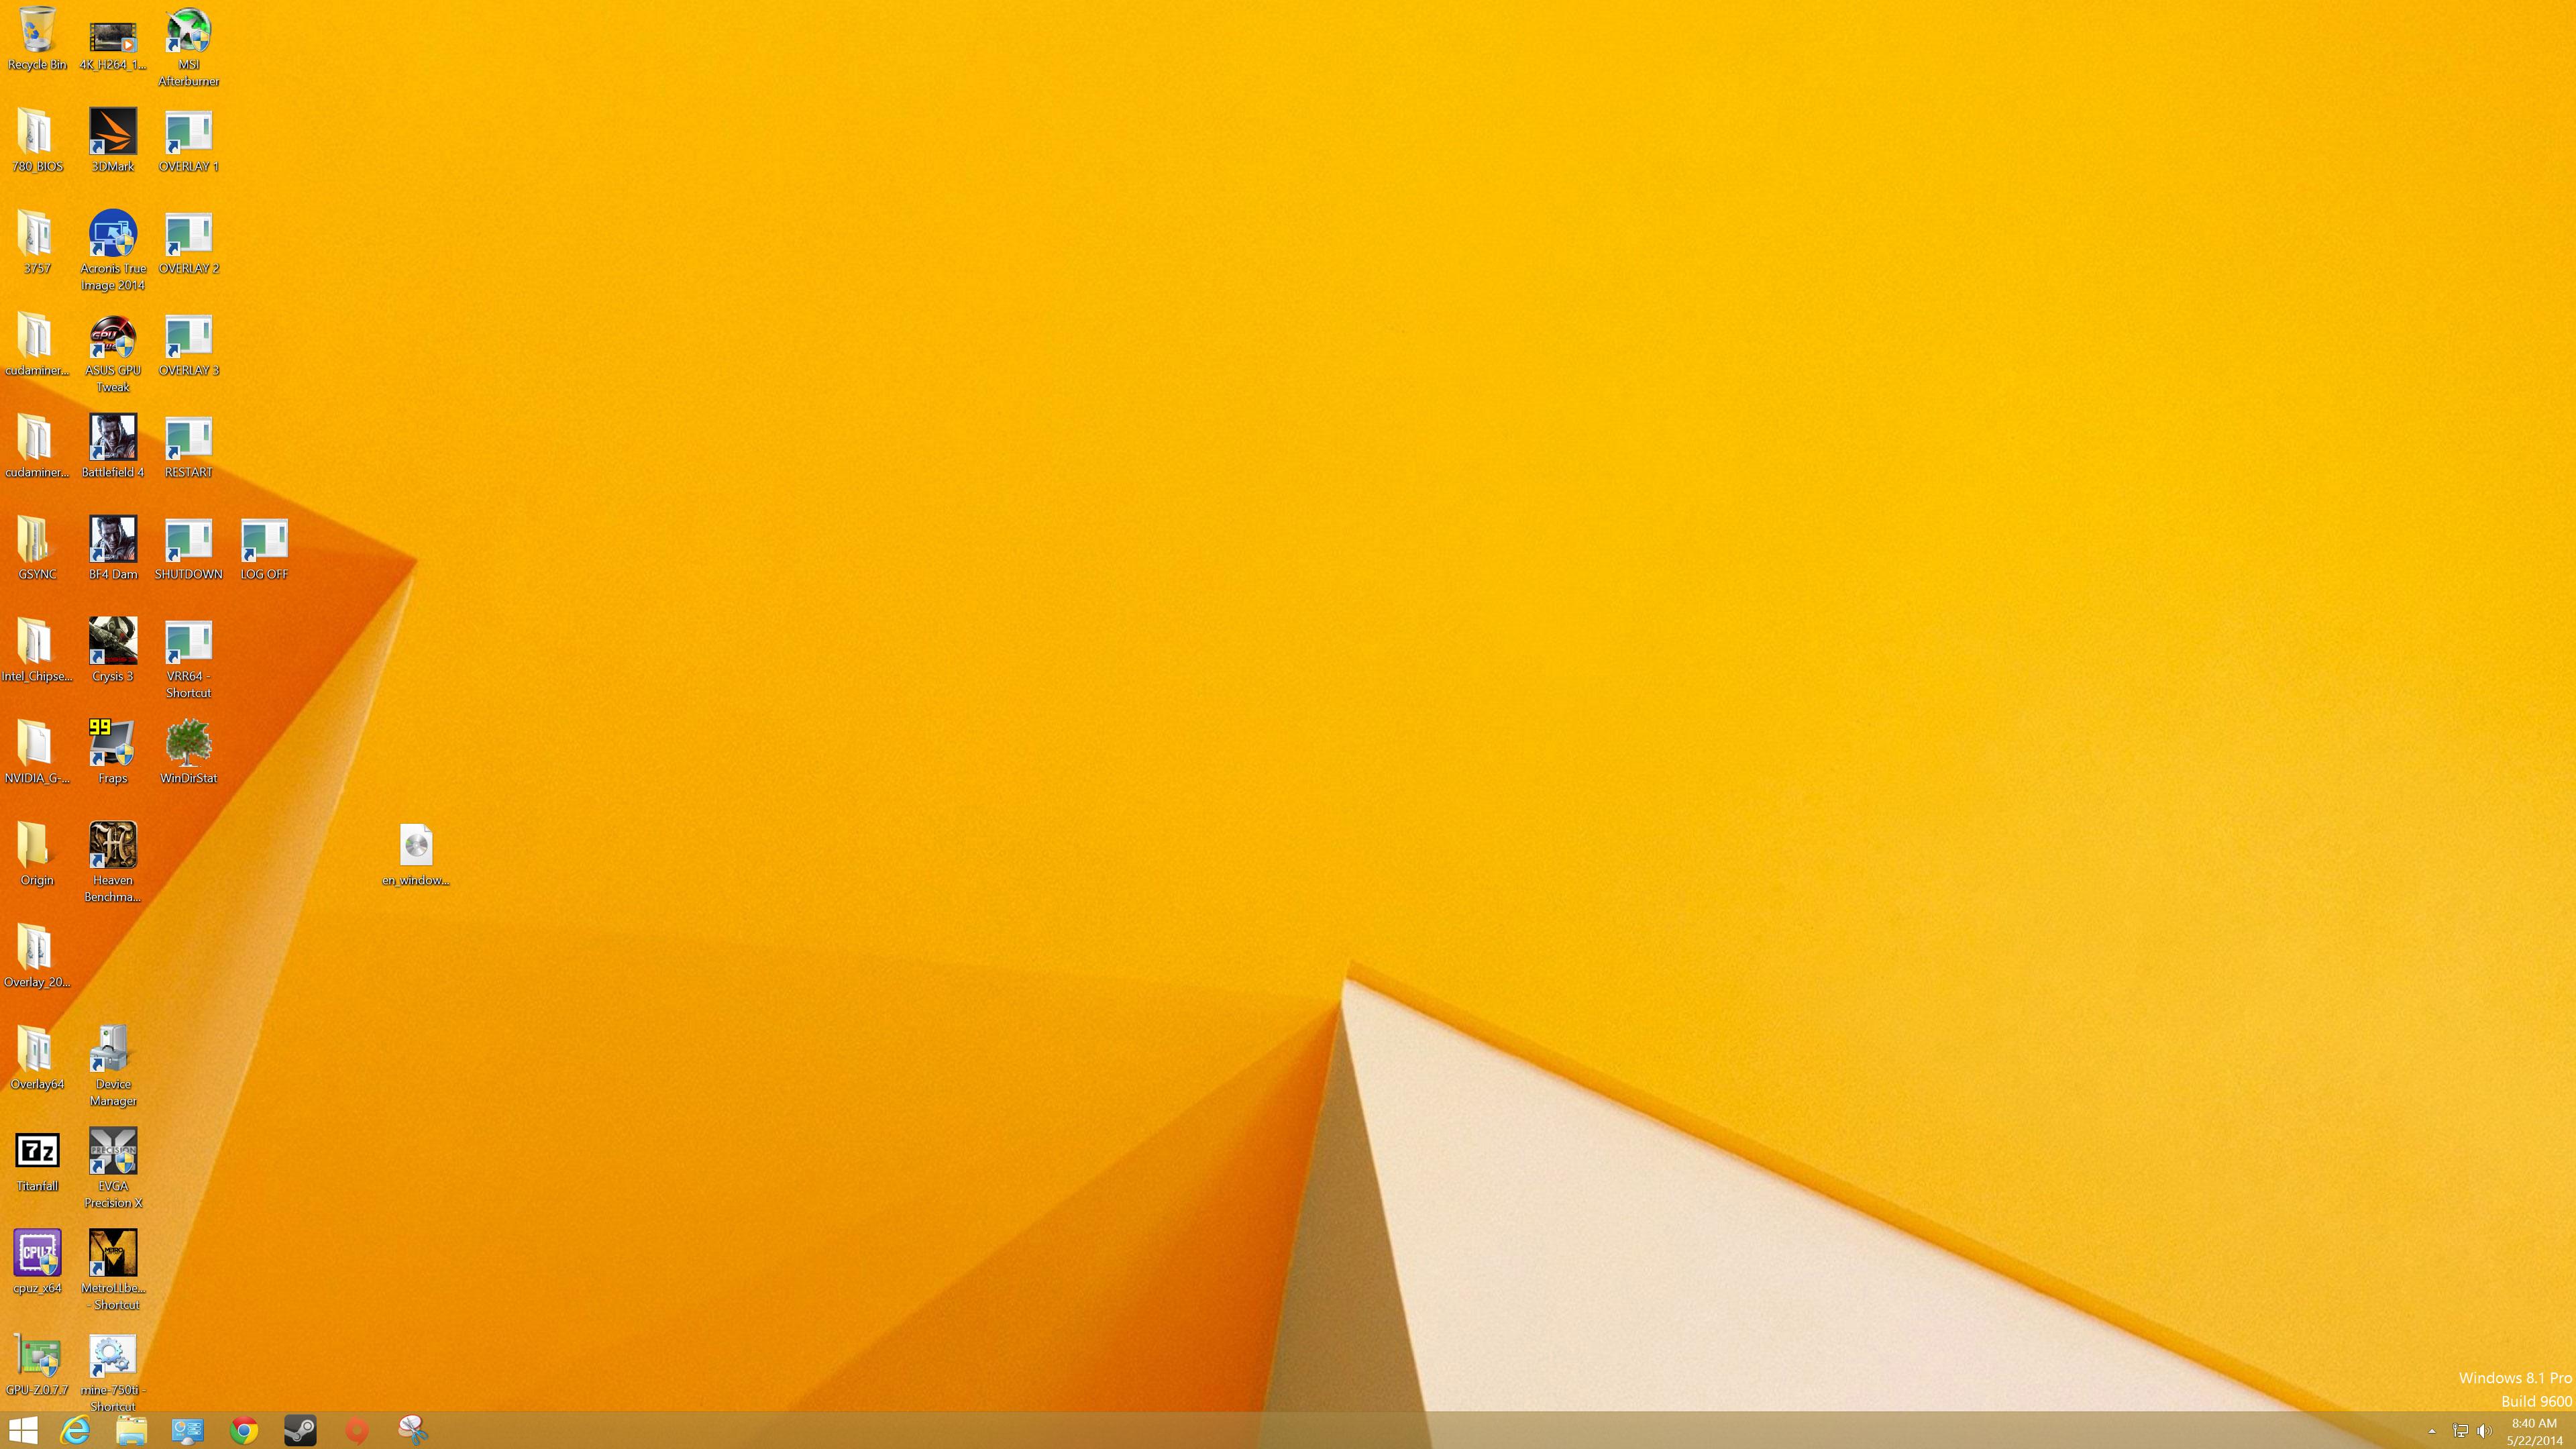 win81-size3desktop.jpg